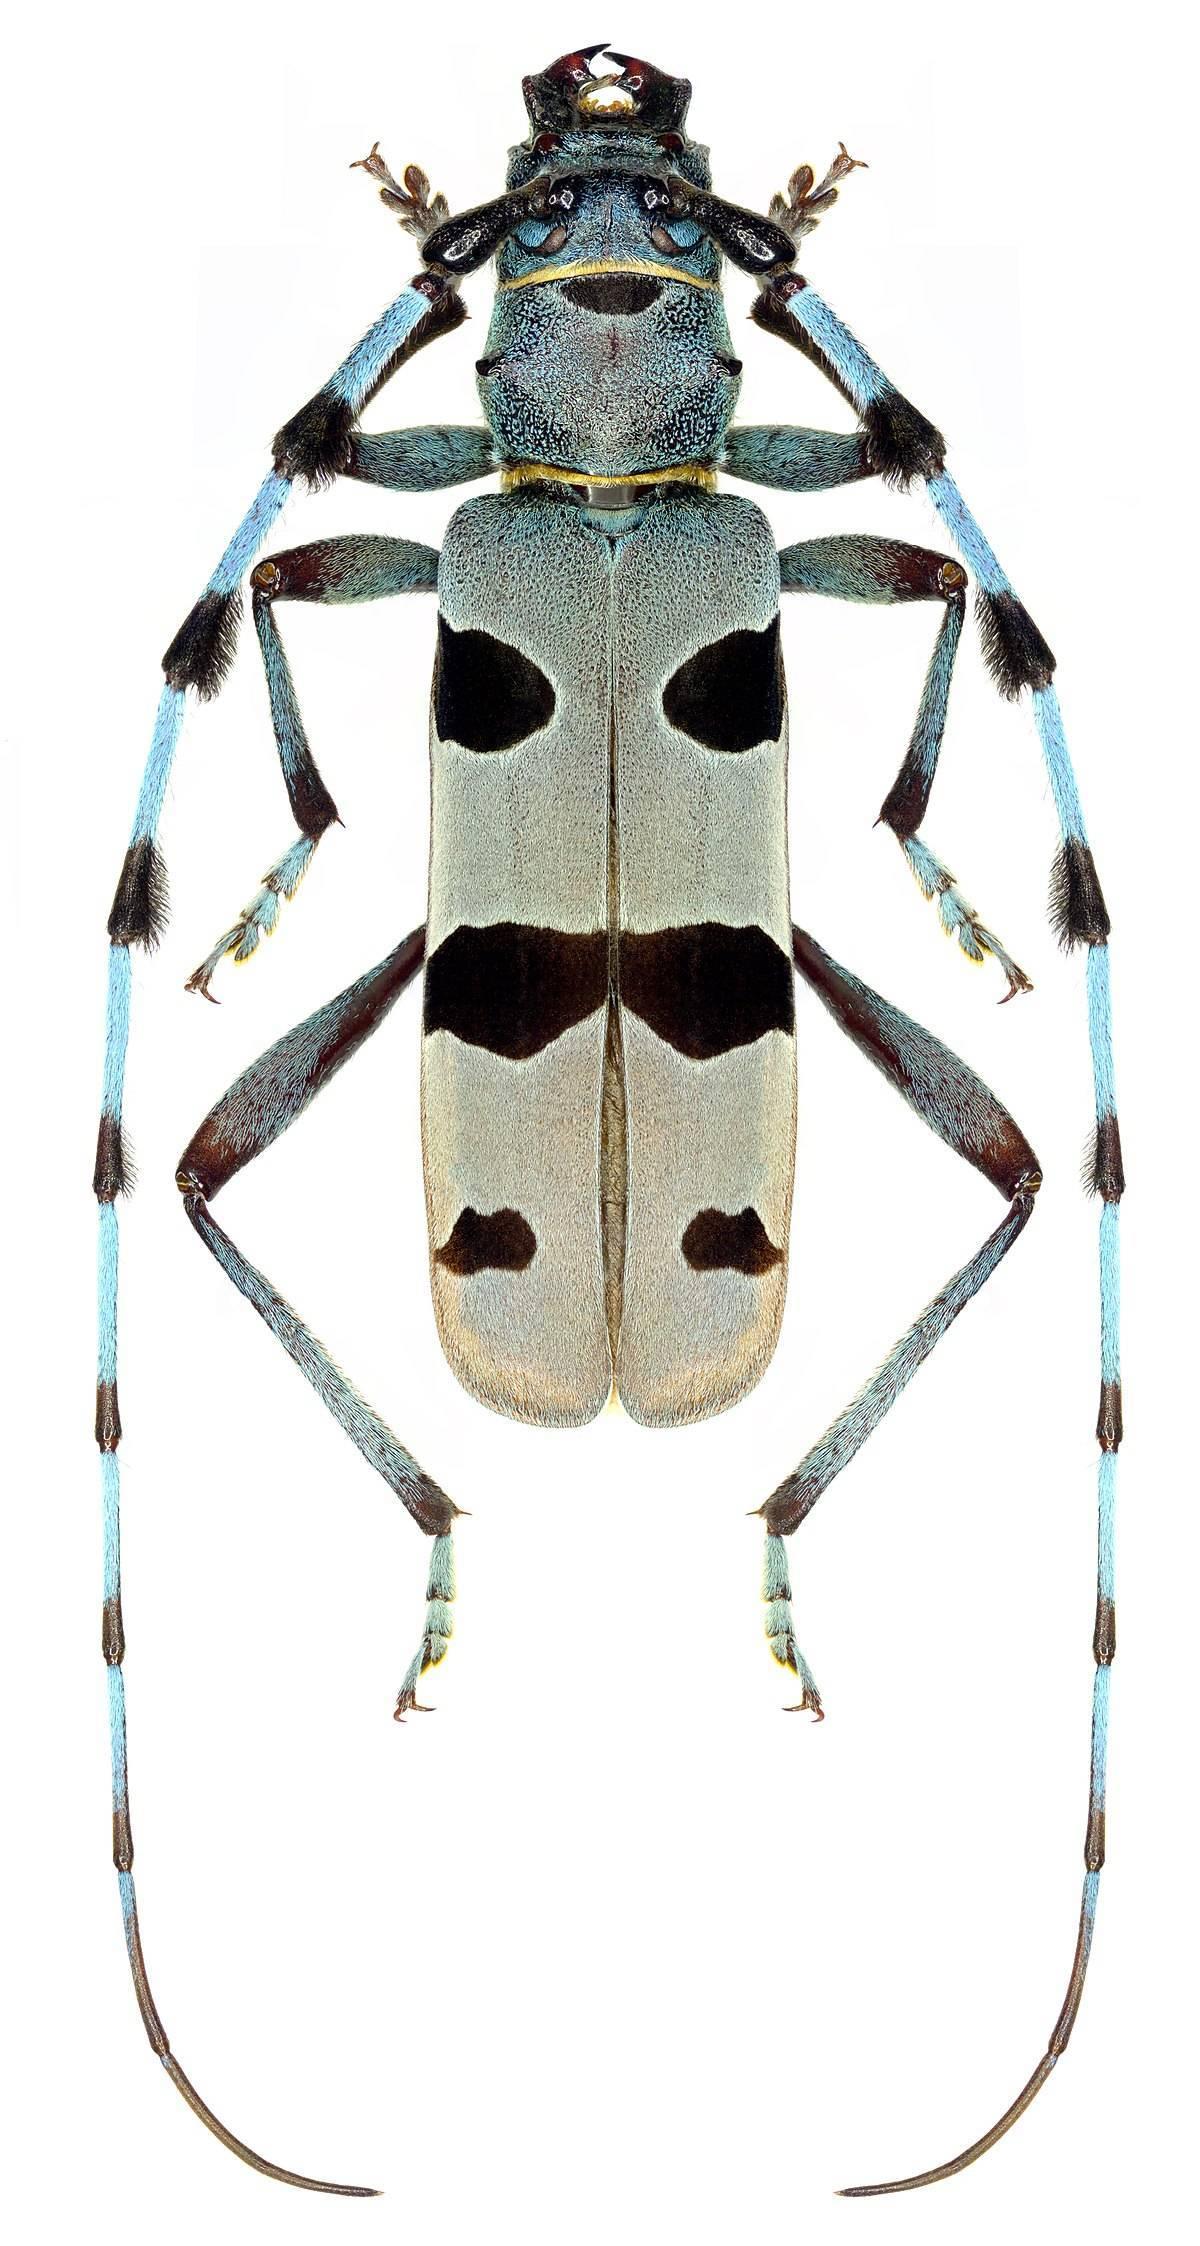 Усач-плотник: питание и развитие насекомого